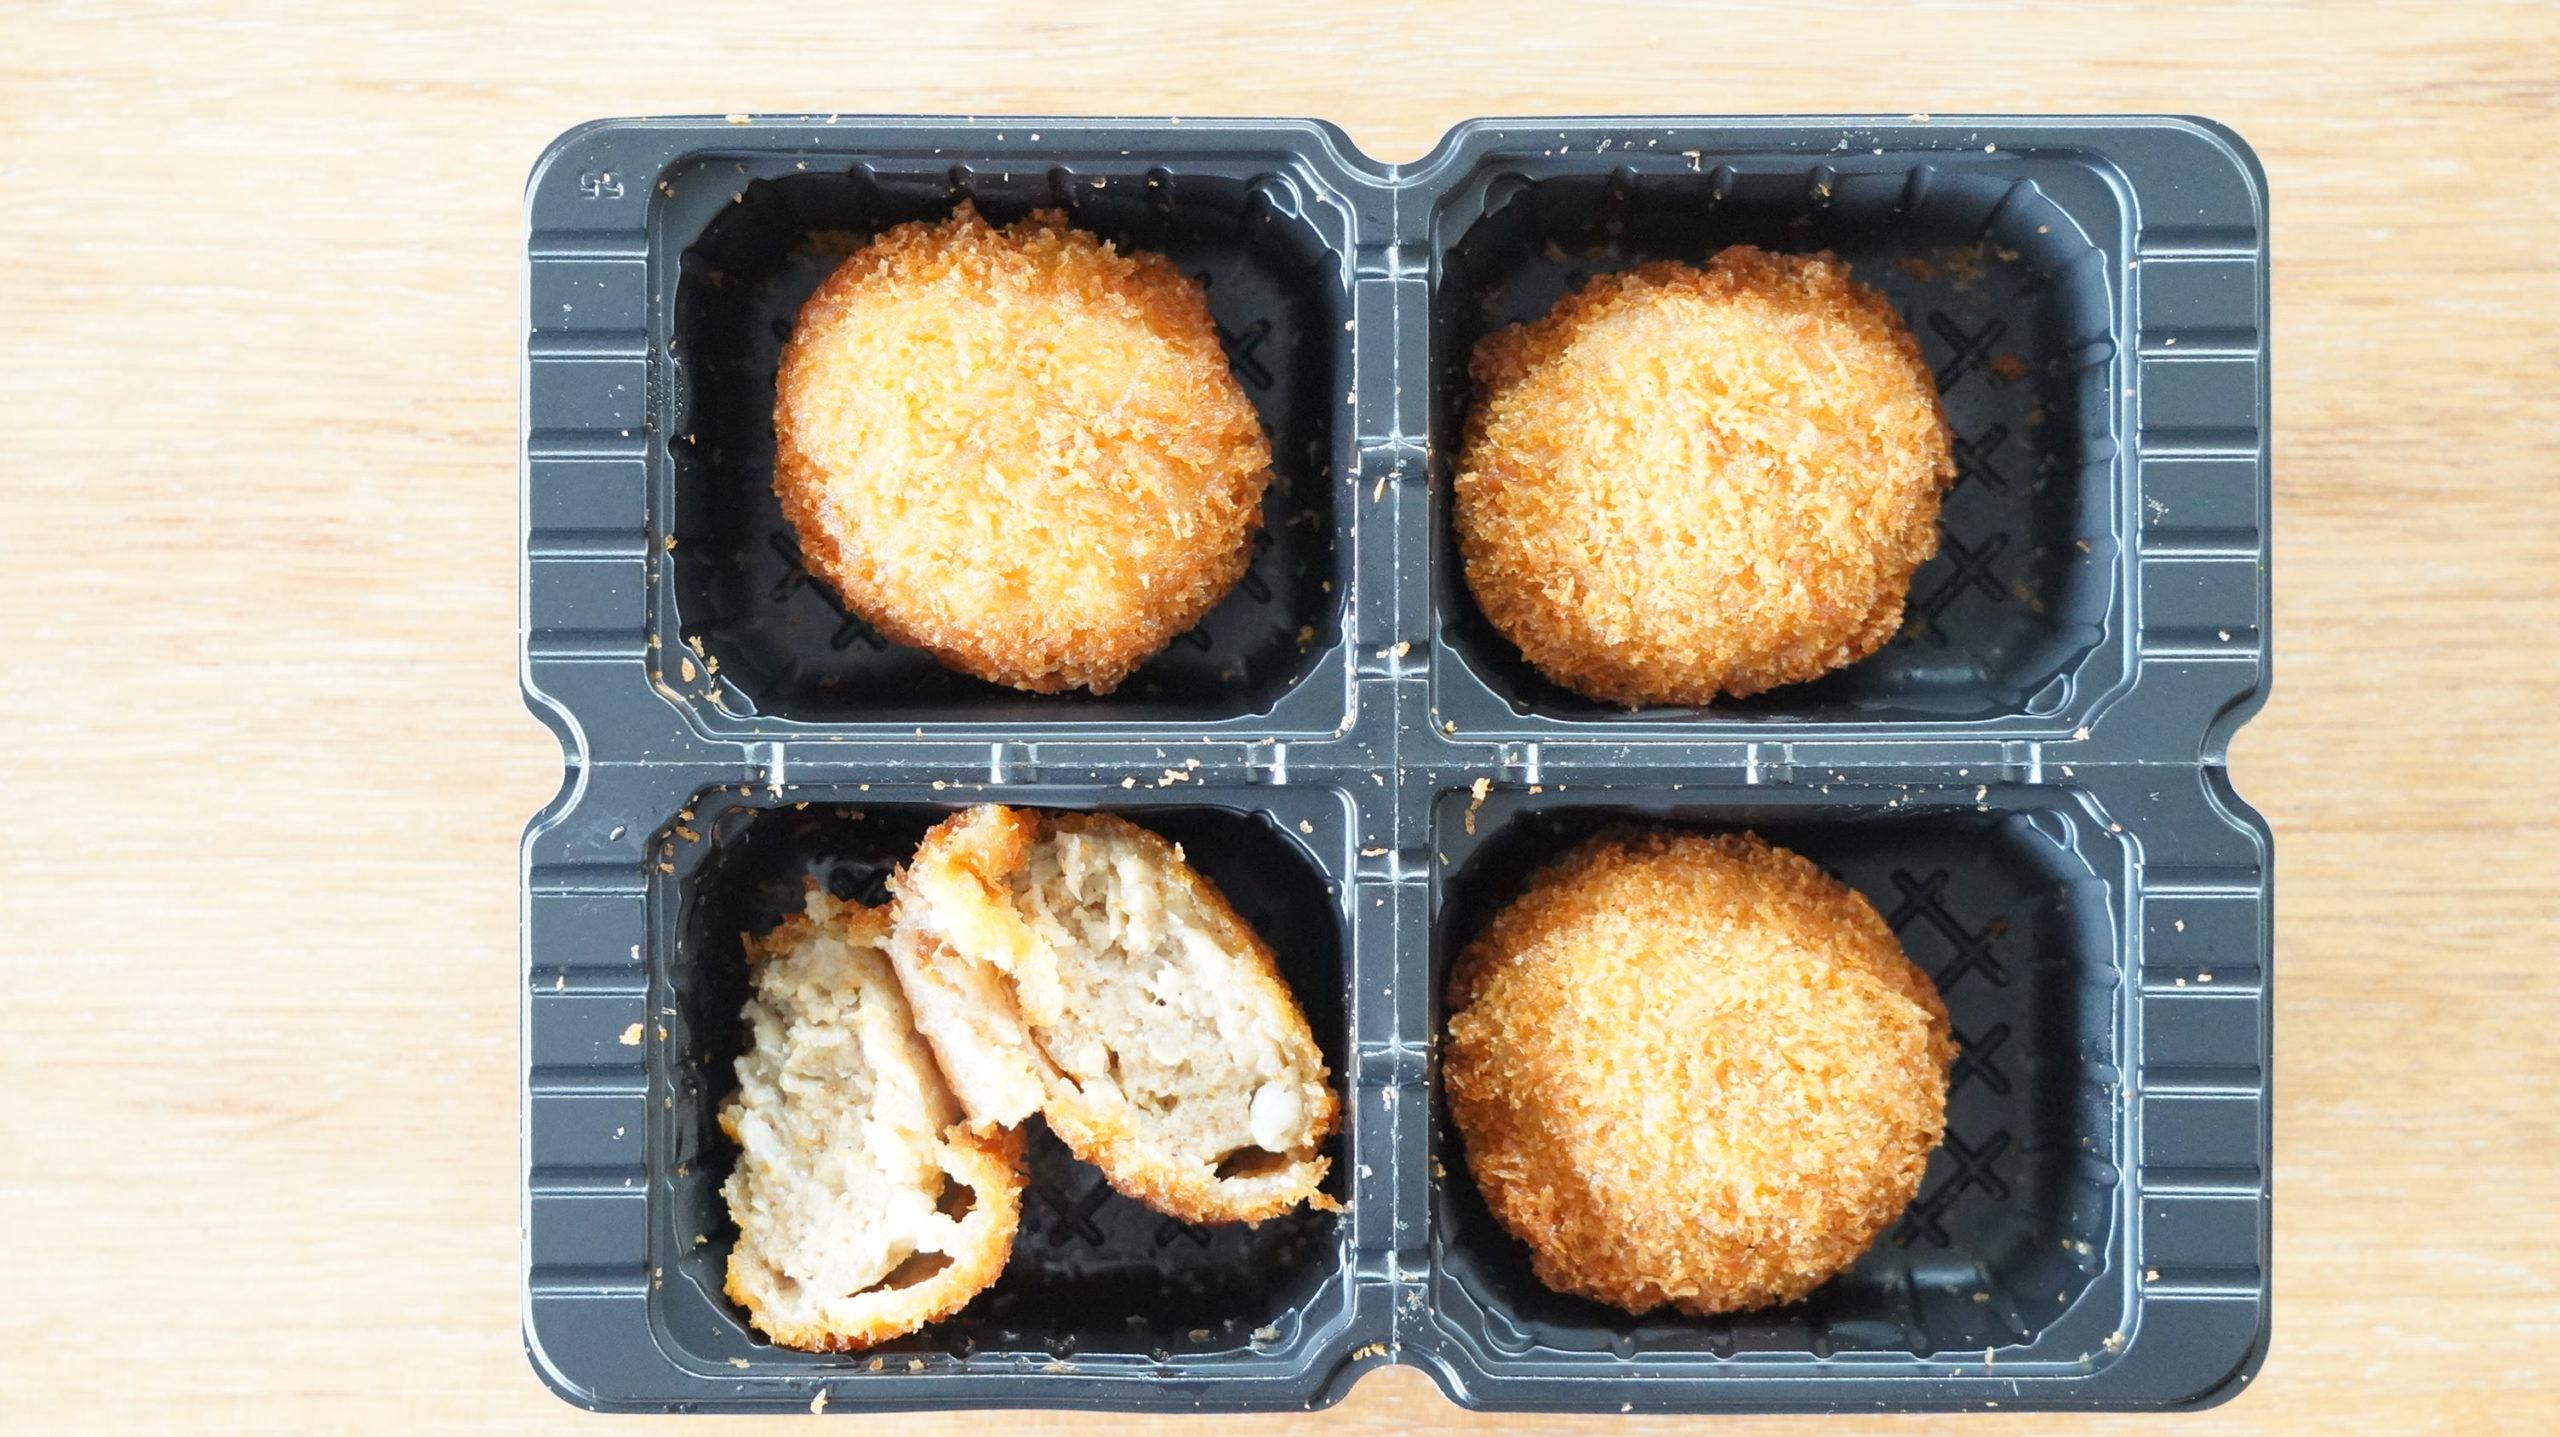 ファミリーマートの冷凍食品「じゅわ旨メンチカツ」の中身の写真